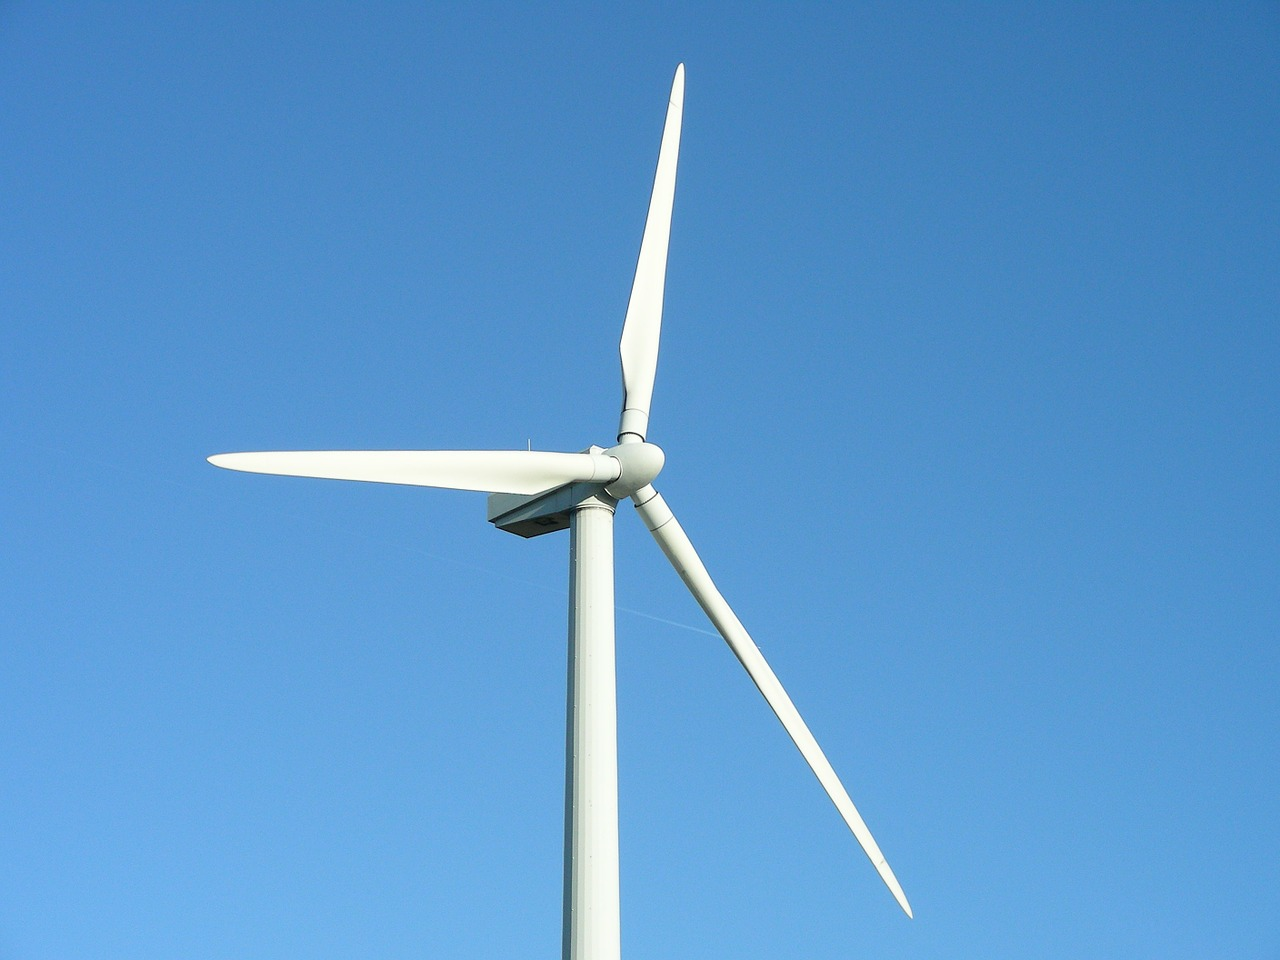 タイナビより非公開の分譲風力発電情報あり|利回り16.6%!